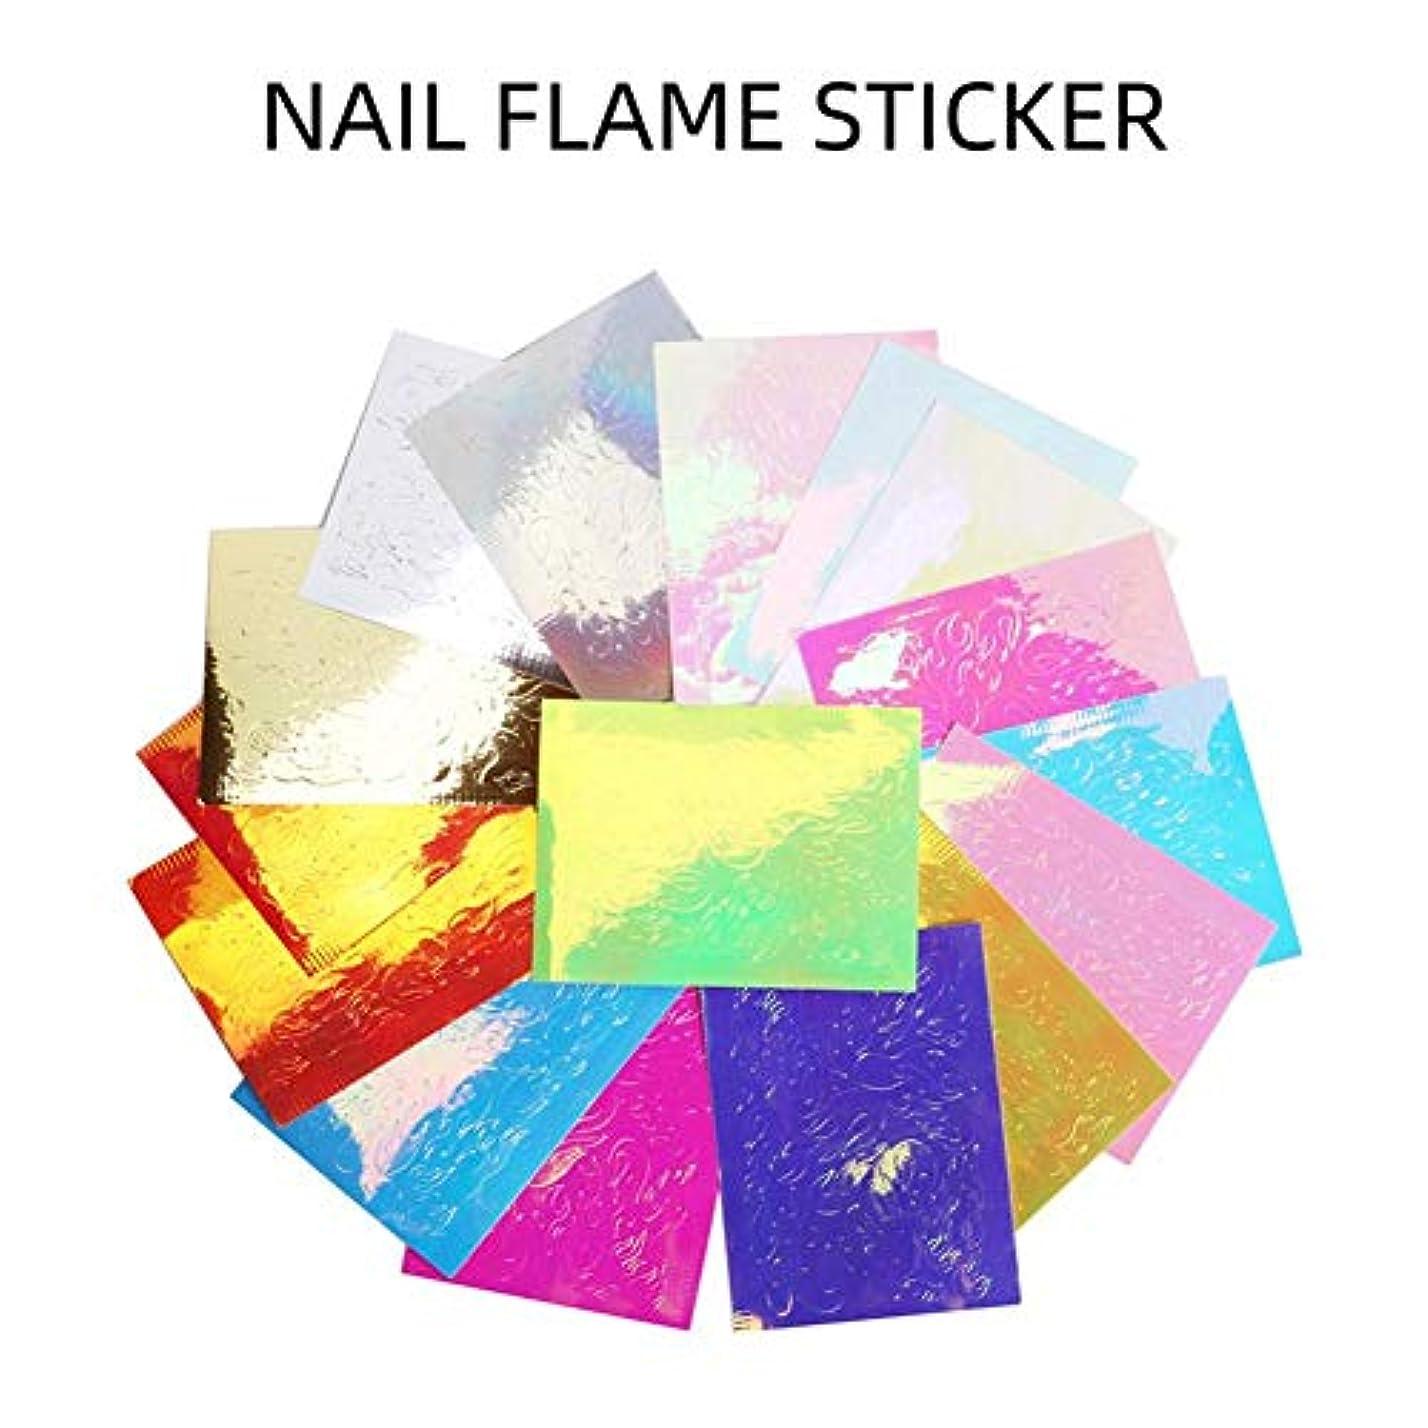 確立するだろう粒SILUN ネイルステッカー ネイルアート 炎 3D ネイルシール 使いやすい ネイルホイル グリッター DIY ネイル用装飾 人気 おしゃれ 16枚セット